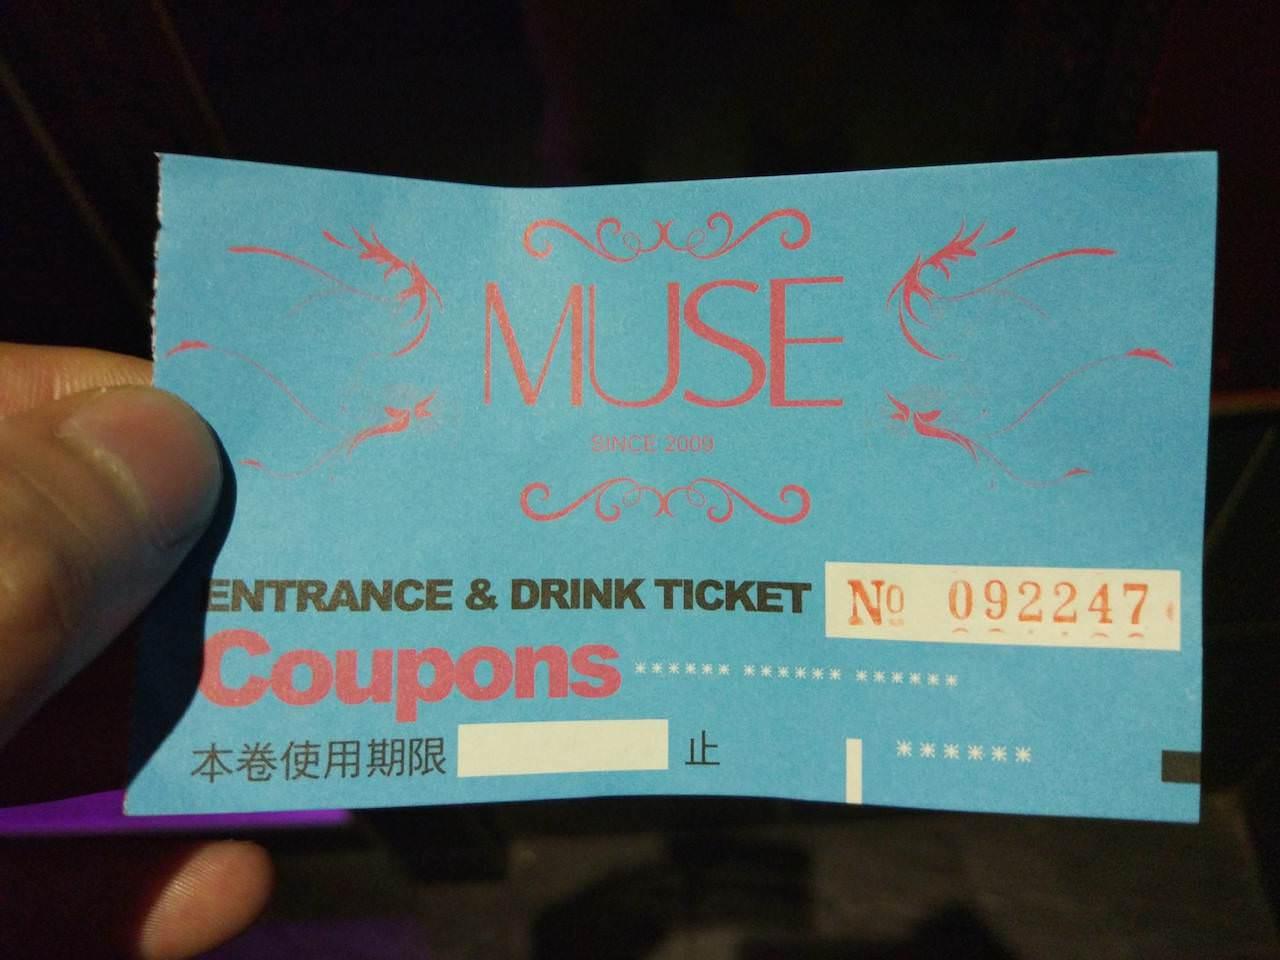 Tainan muse club 041